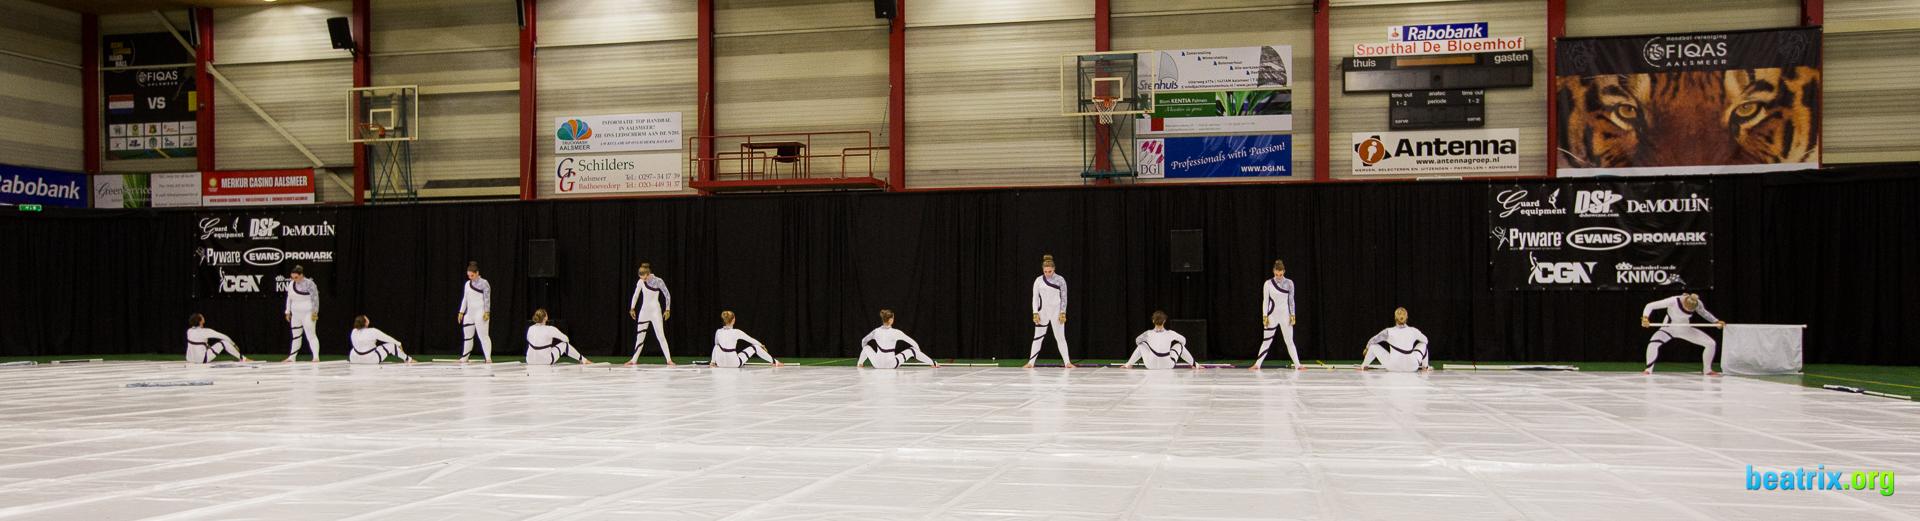 Beatrix guard tijdens hun show op CGN contest Aalsmeer